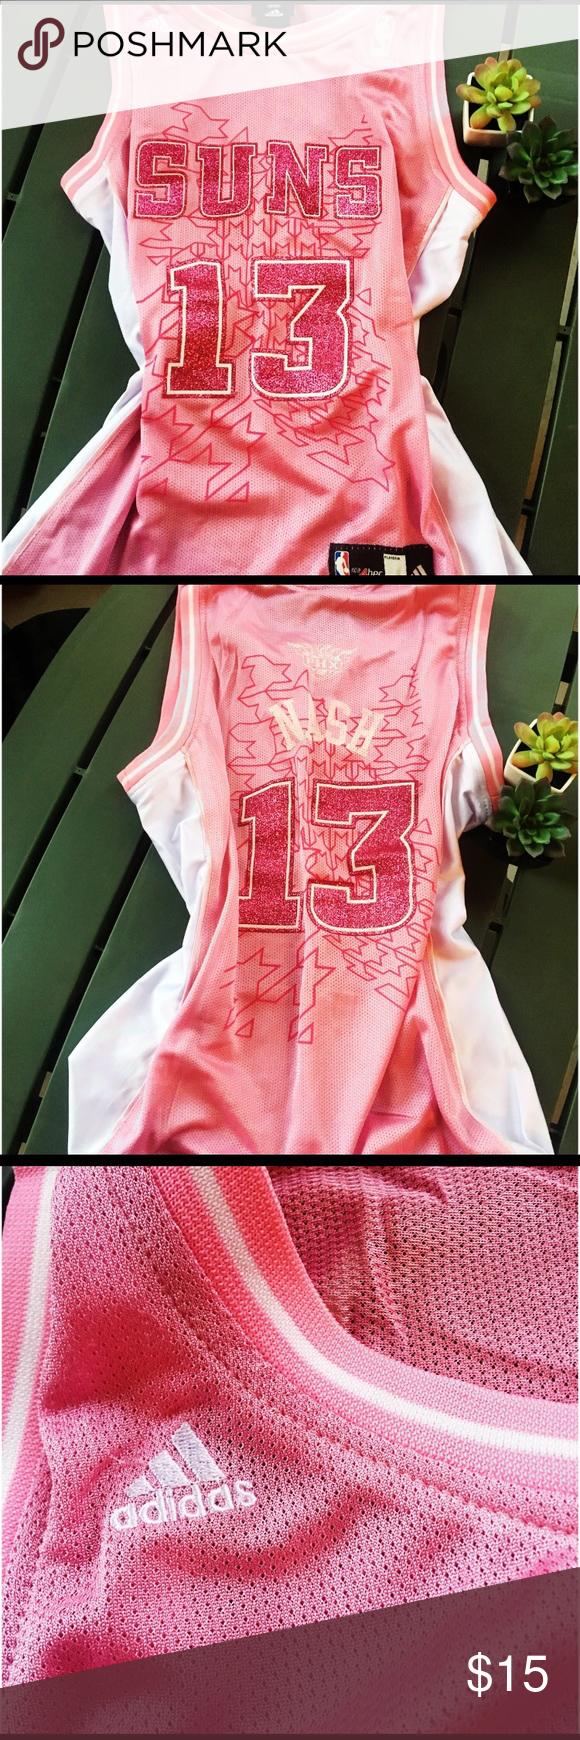 6e3073664cd Phoenix Suns Steve Nash Pink Jersey Adidas Phoenix Suns Steve Nash Women s  Basketball Jersey. Sparkly